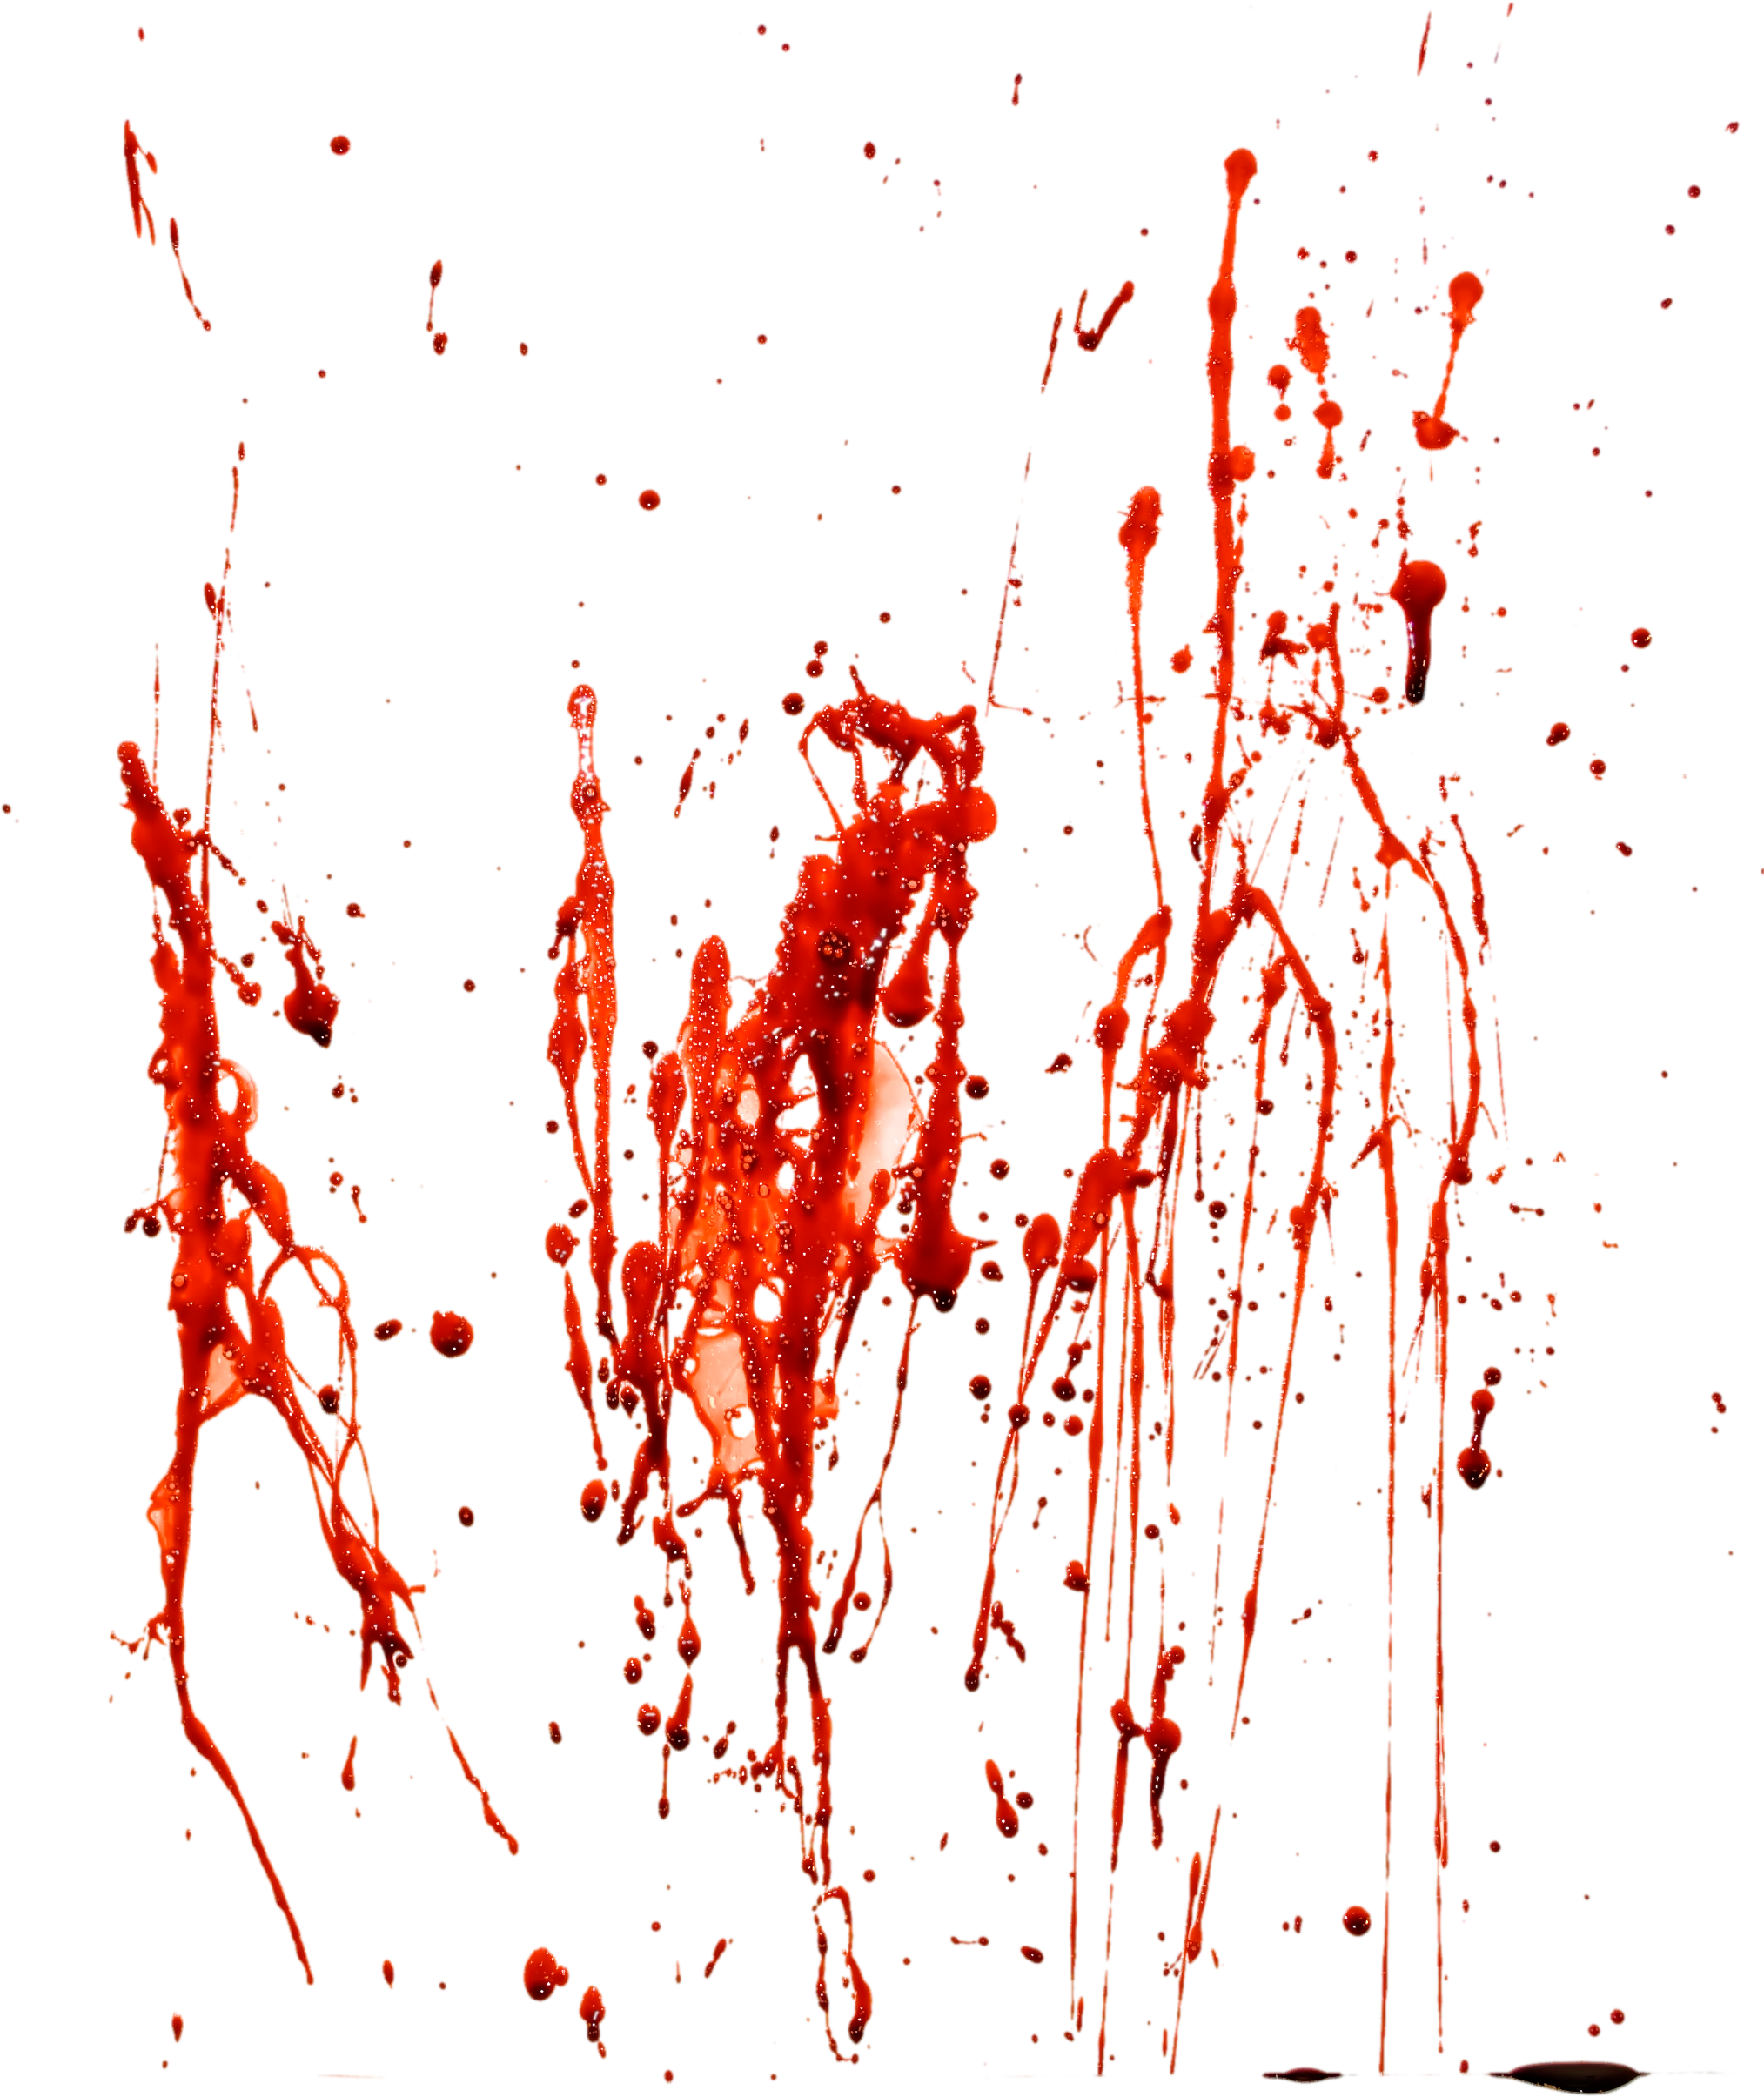 Blood seventy four isolated. Dirt clipart splatter